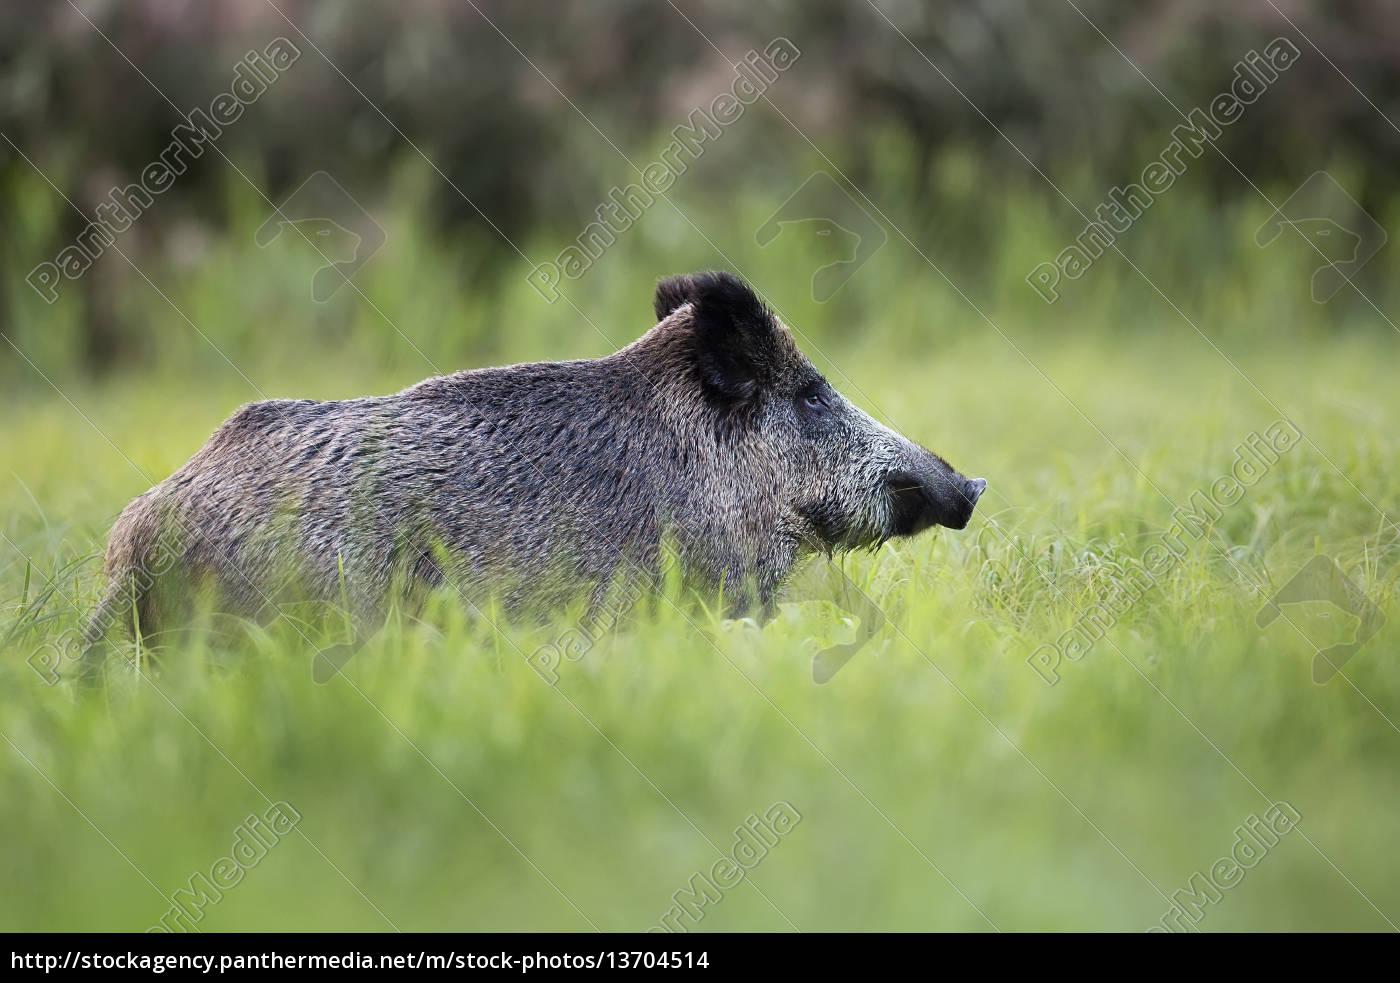 wildschweine, in, freier, wildbahn, auf, einer, lichtung - 13704514